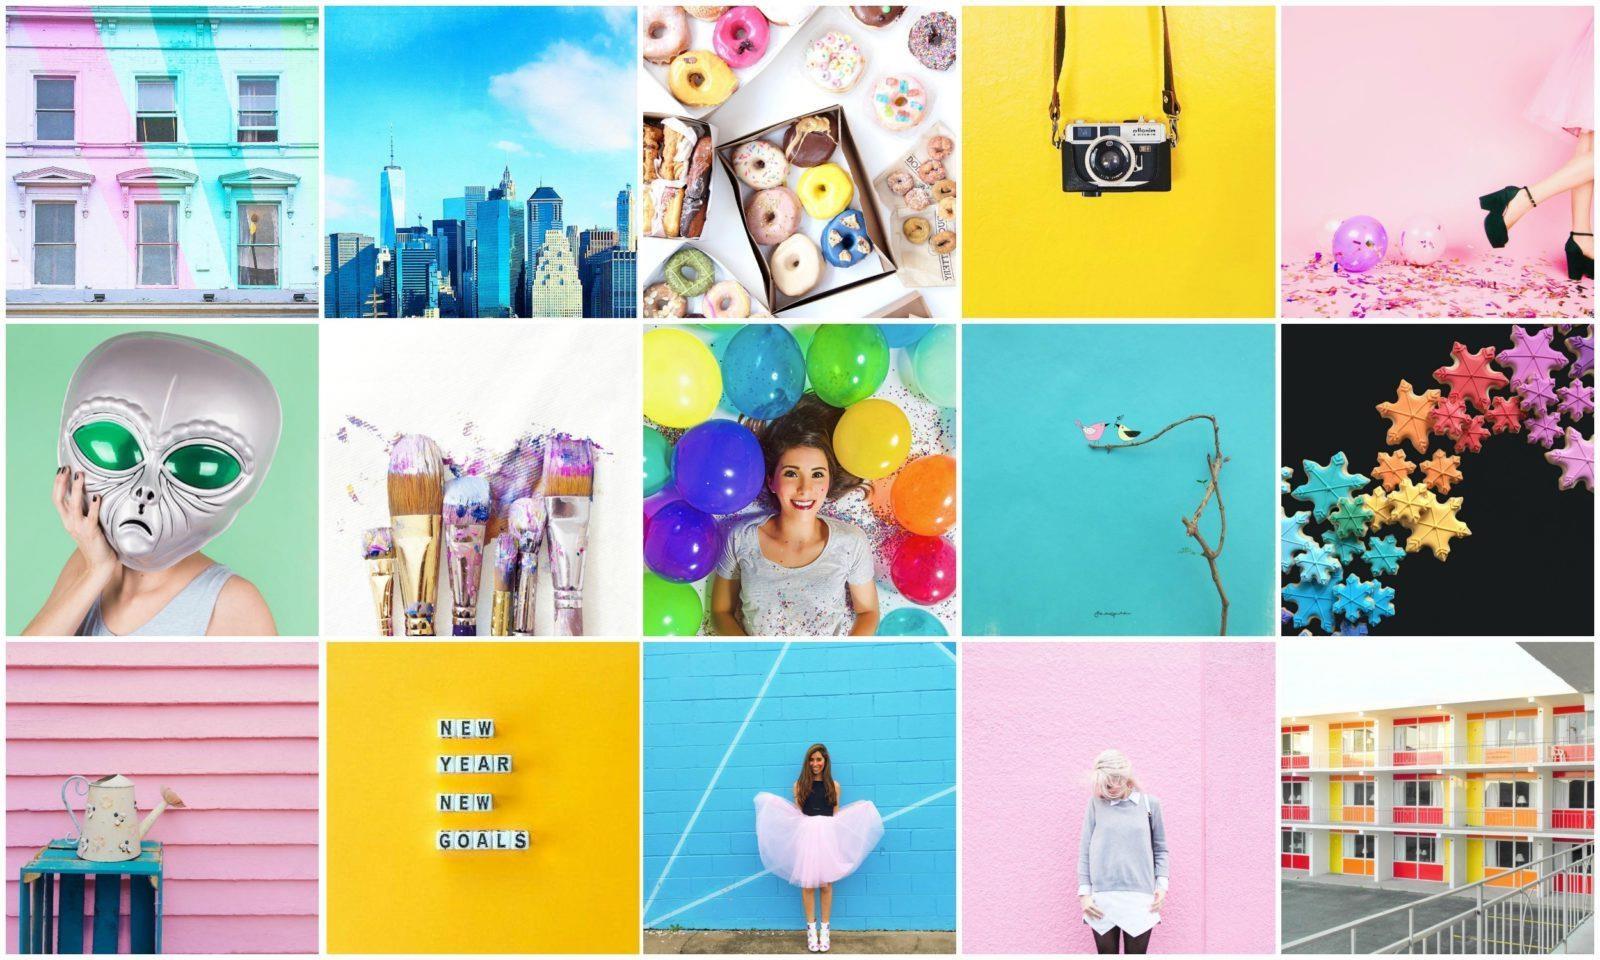 Смешная, как красиво оформить картинки в инстаграм